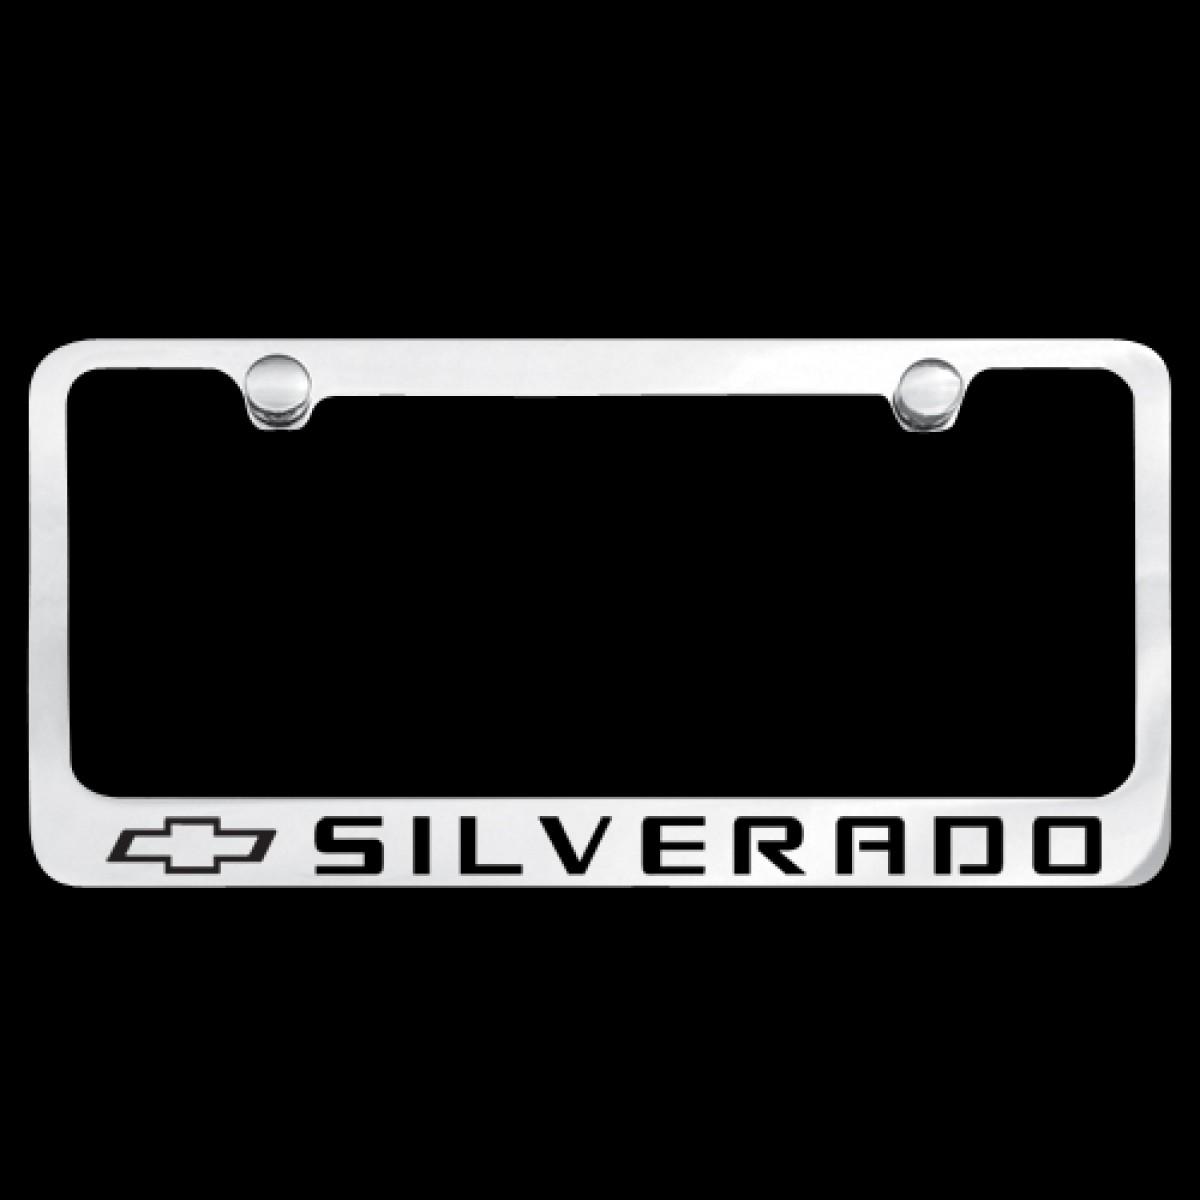 Hossrods Com Chevy Silverado License Plate Frame Chrome